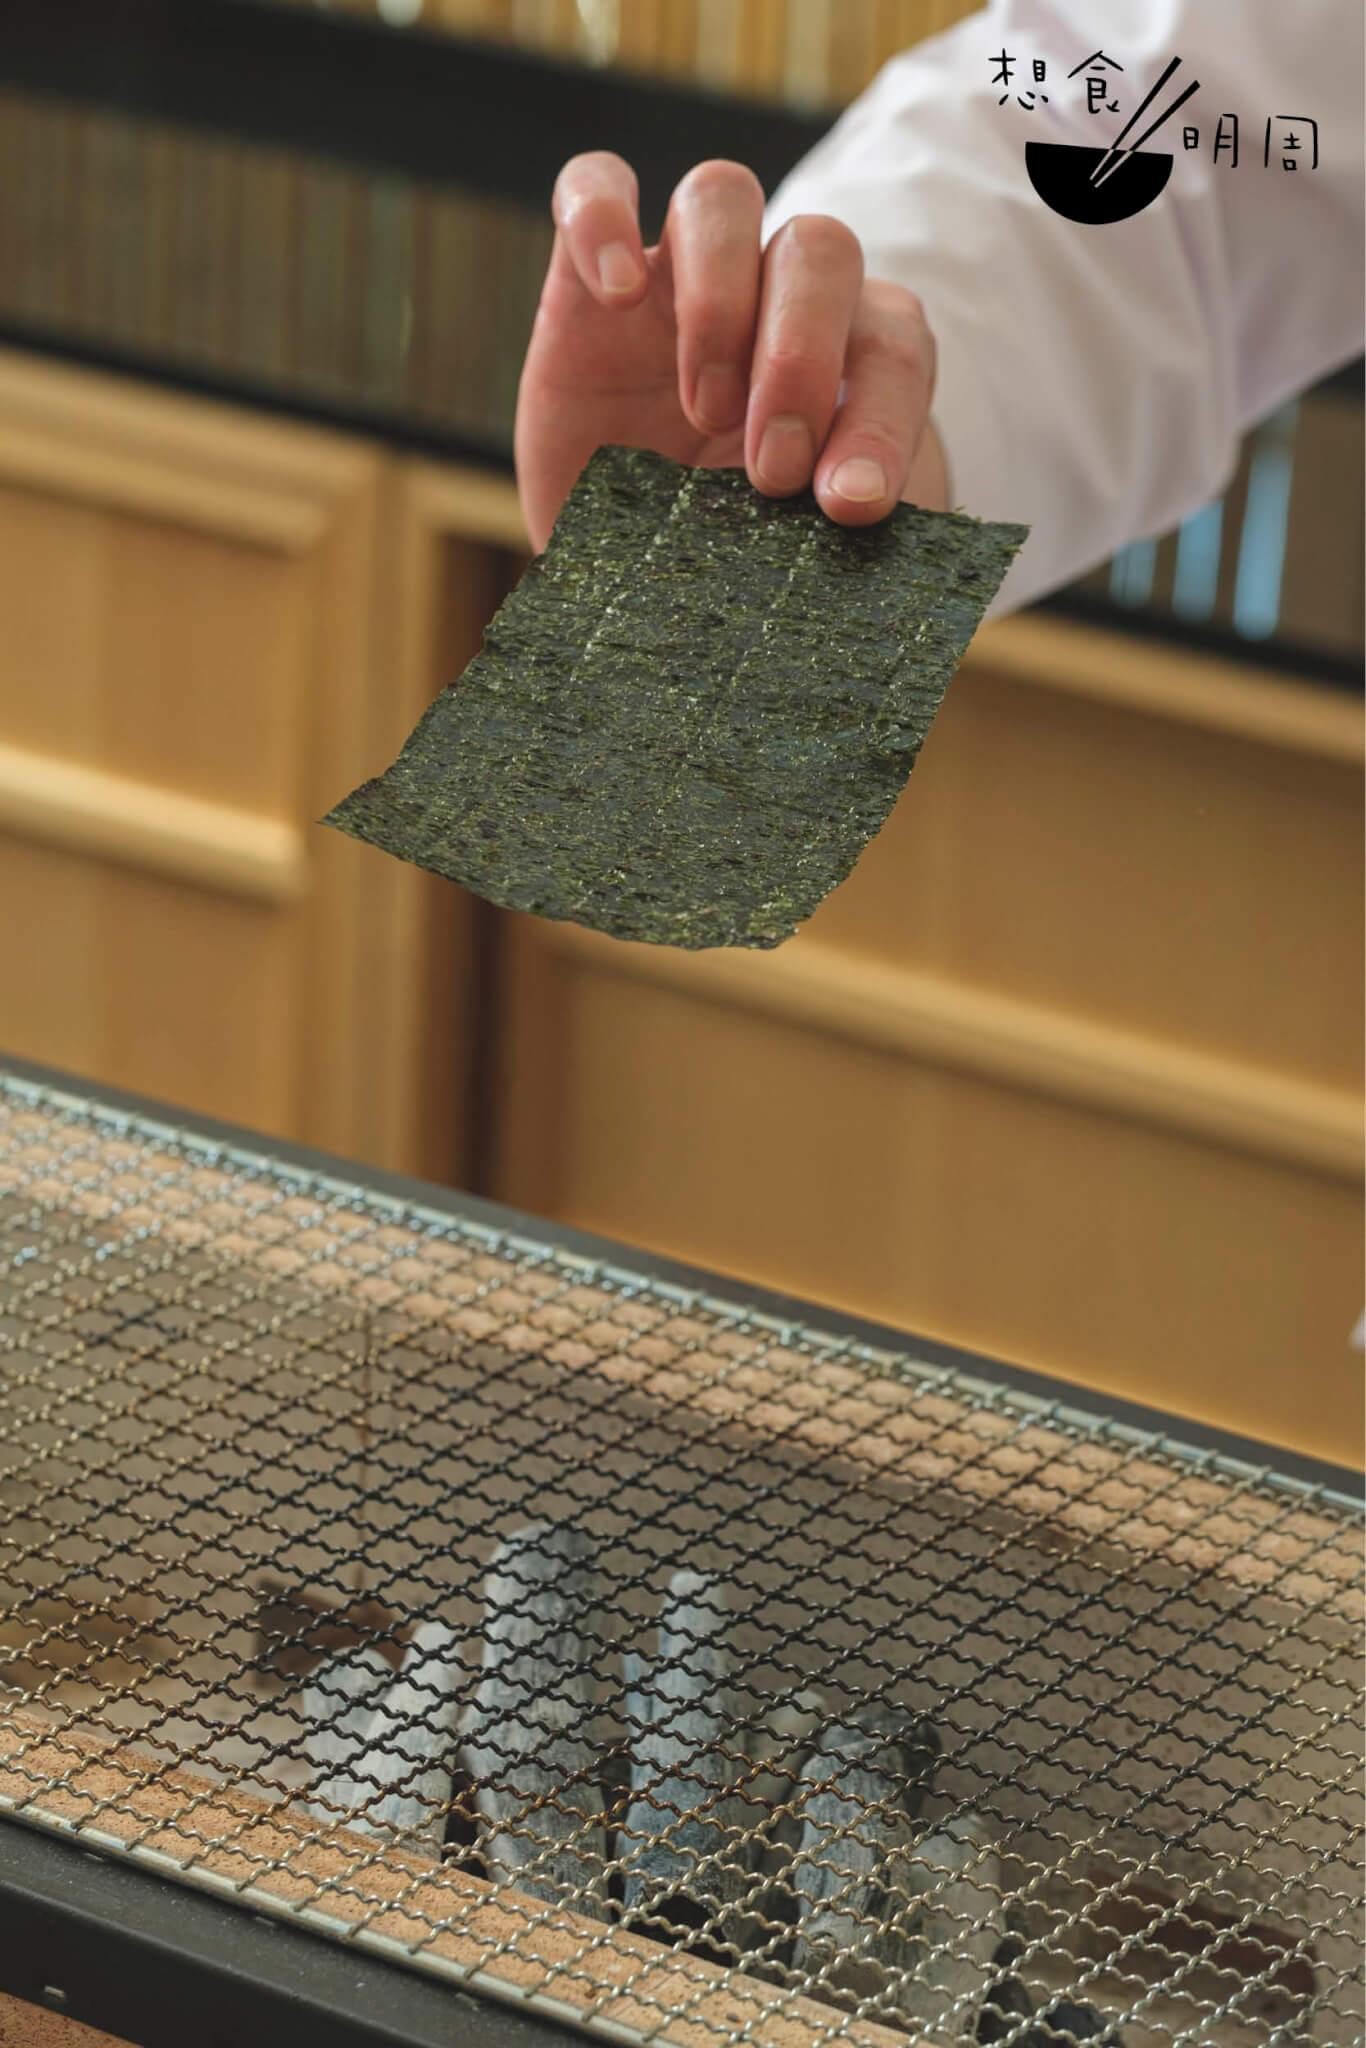 把紫菜來回在炭上輕拂,以求烘得一片香脆,再包覆吞拿魚蓉製成小卷,遞向席前客人手上。